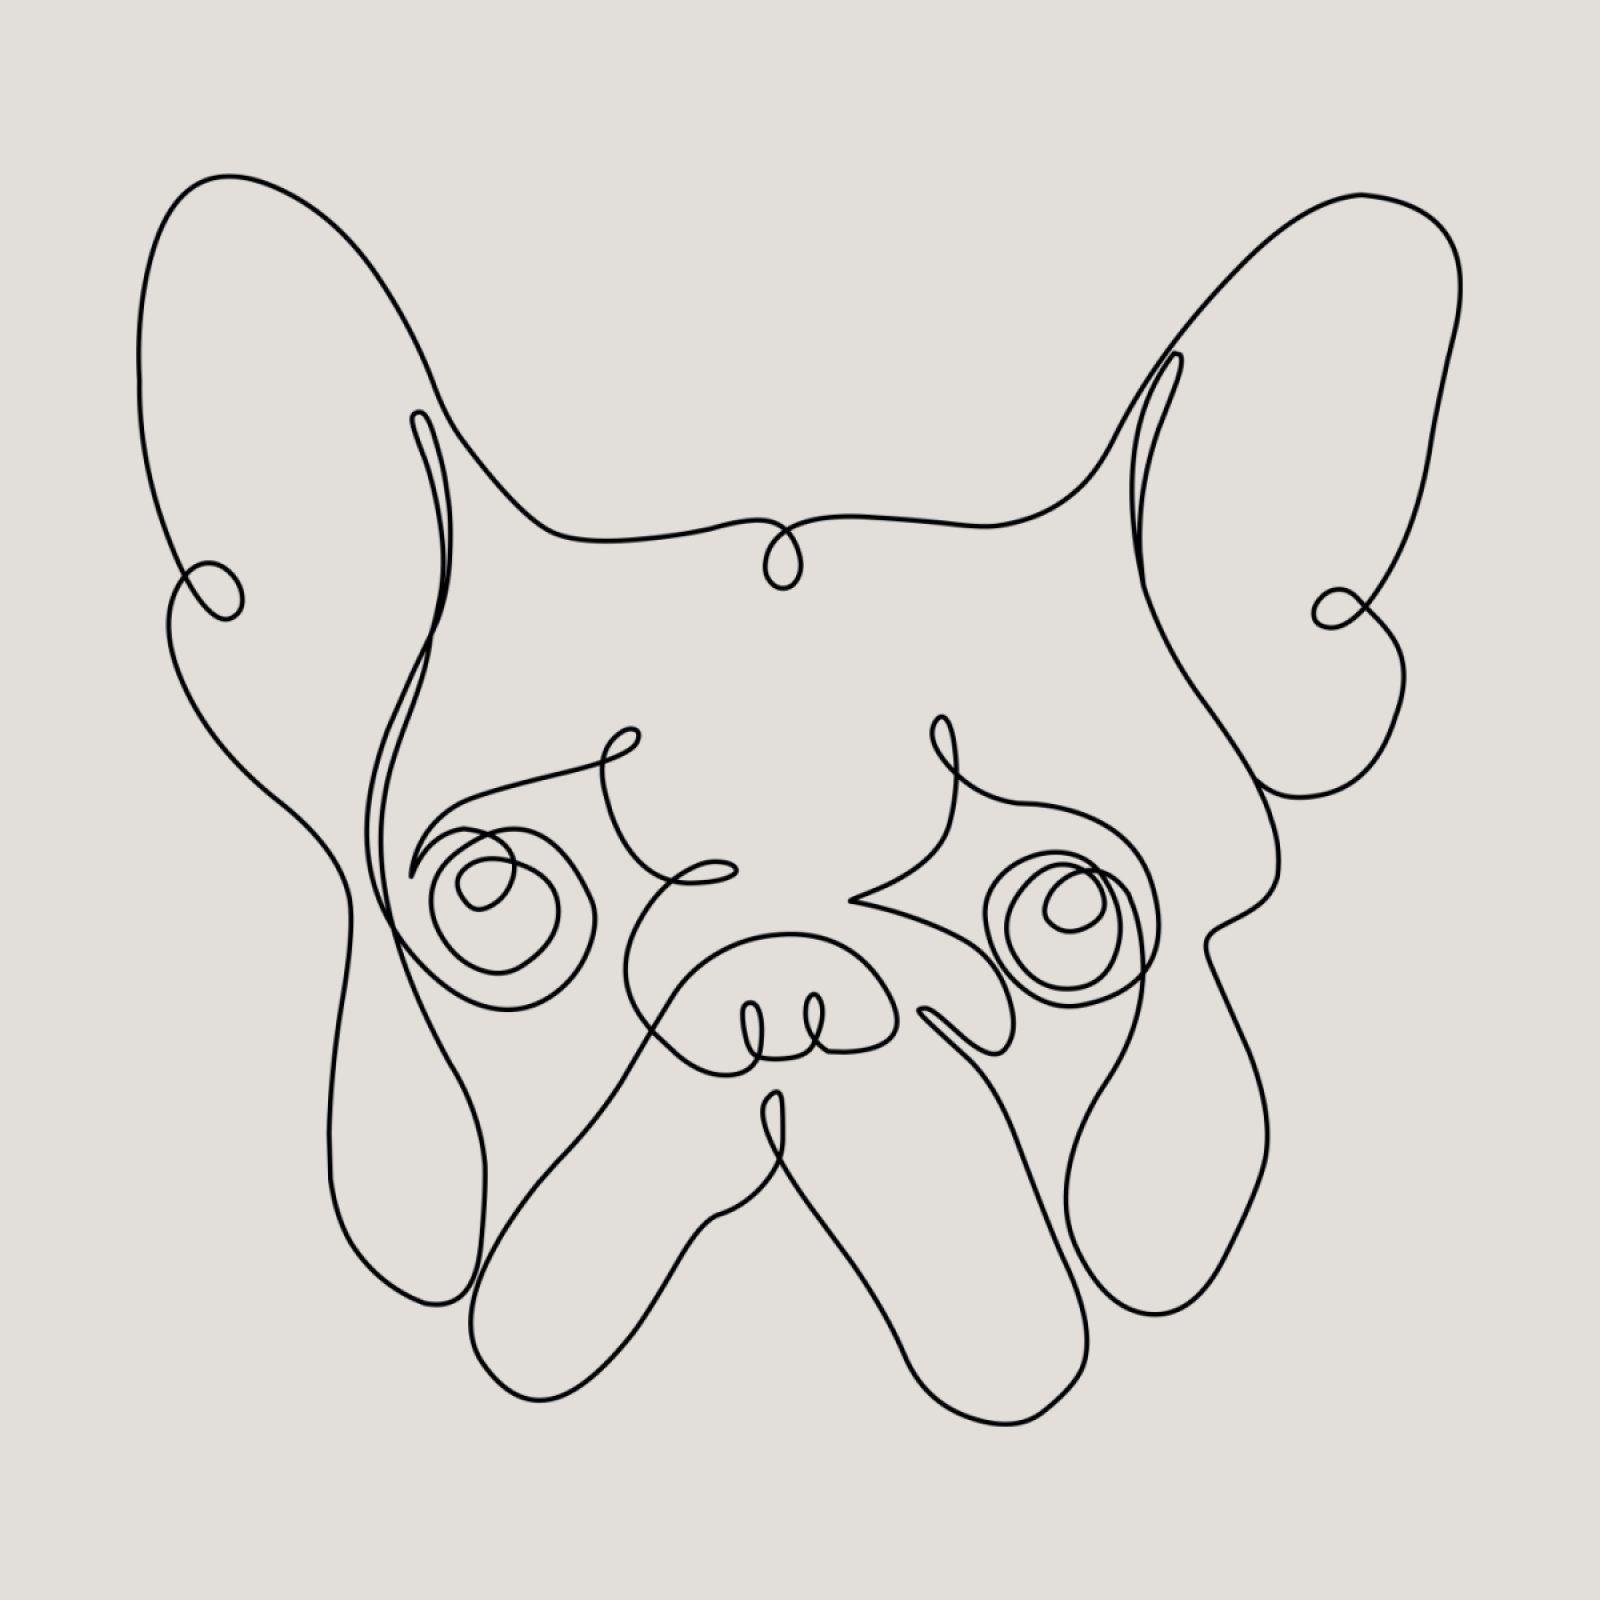 One Line French Bulldog Tkaniny Druk